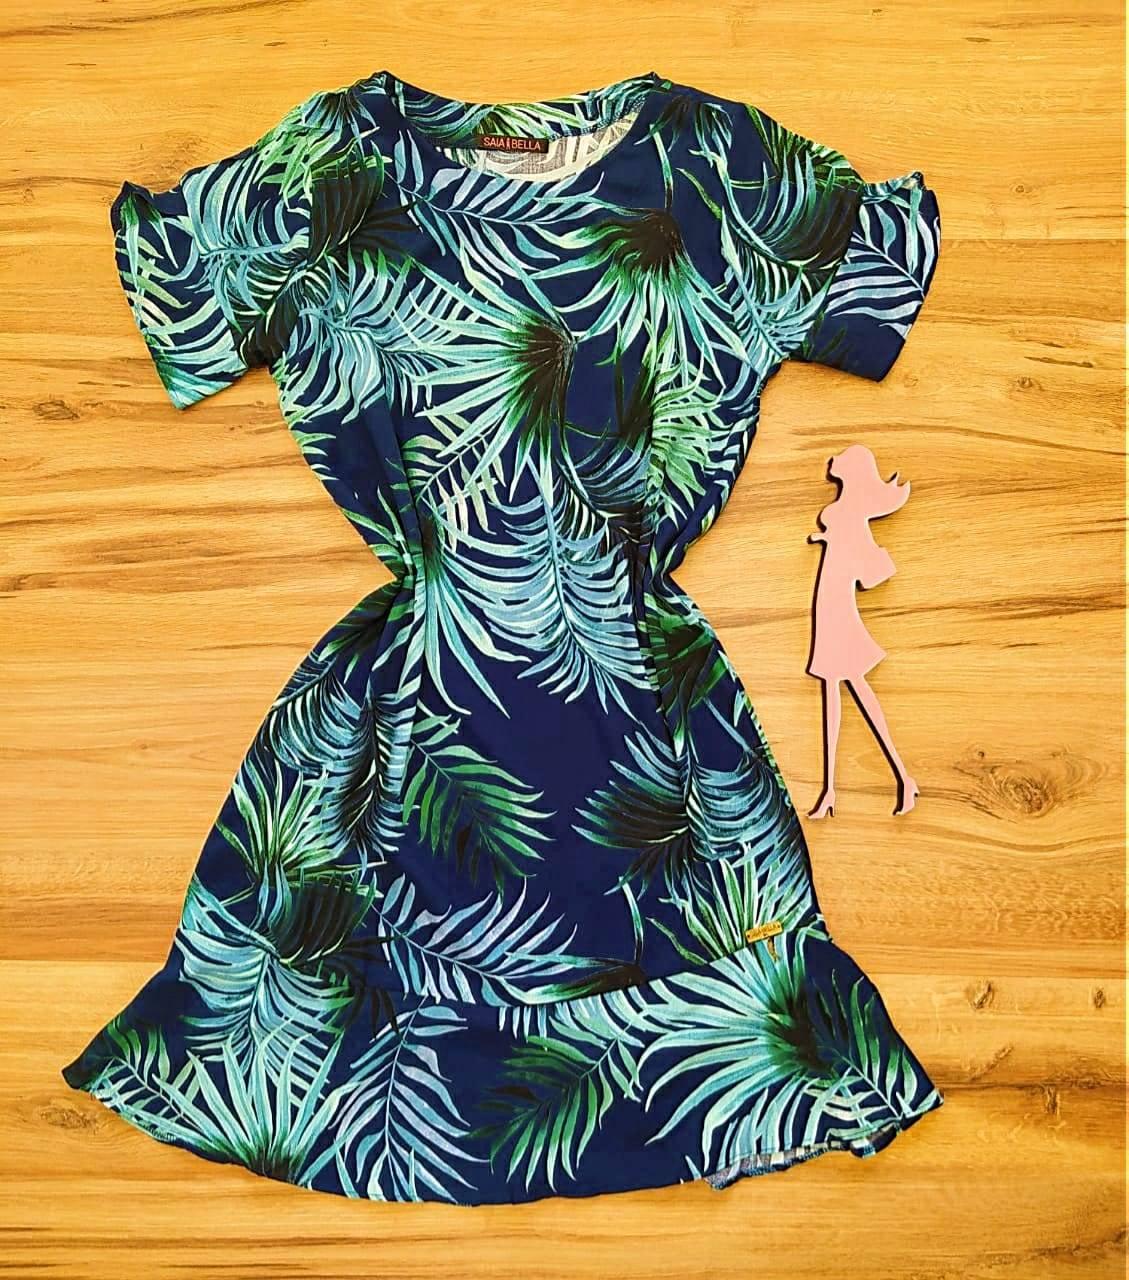 Vestido Peplum Estampado Saia Bella SB4410580 - 5